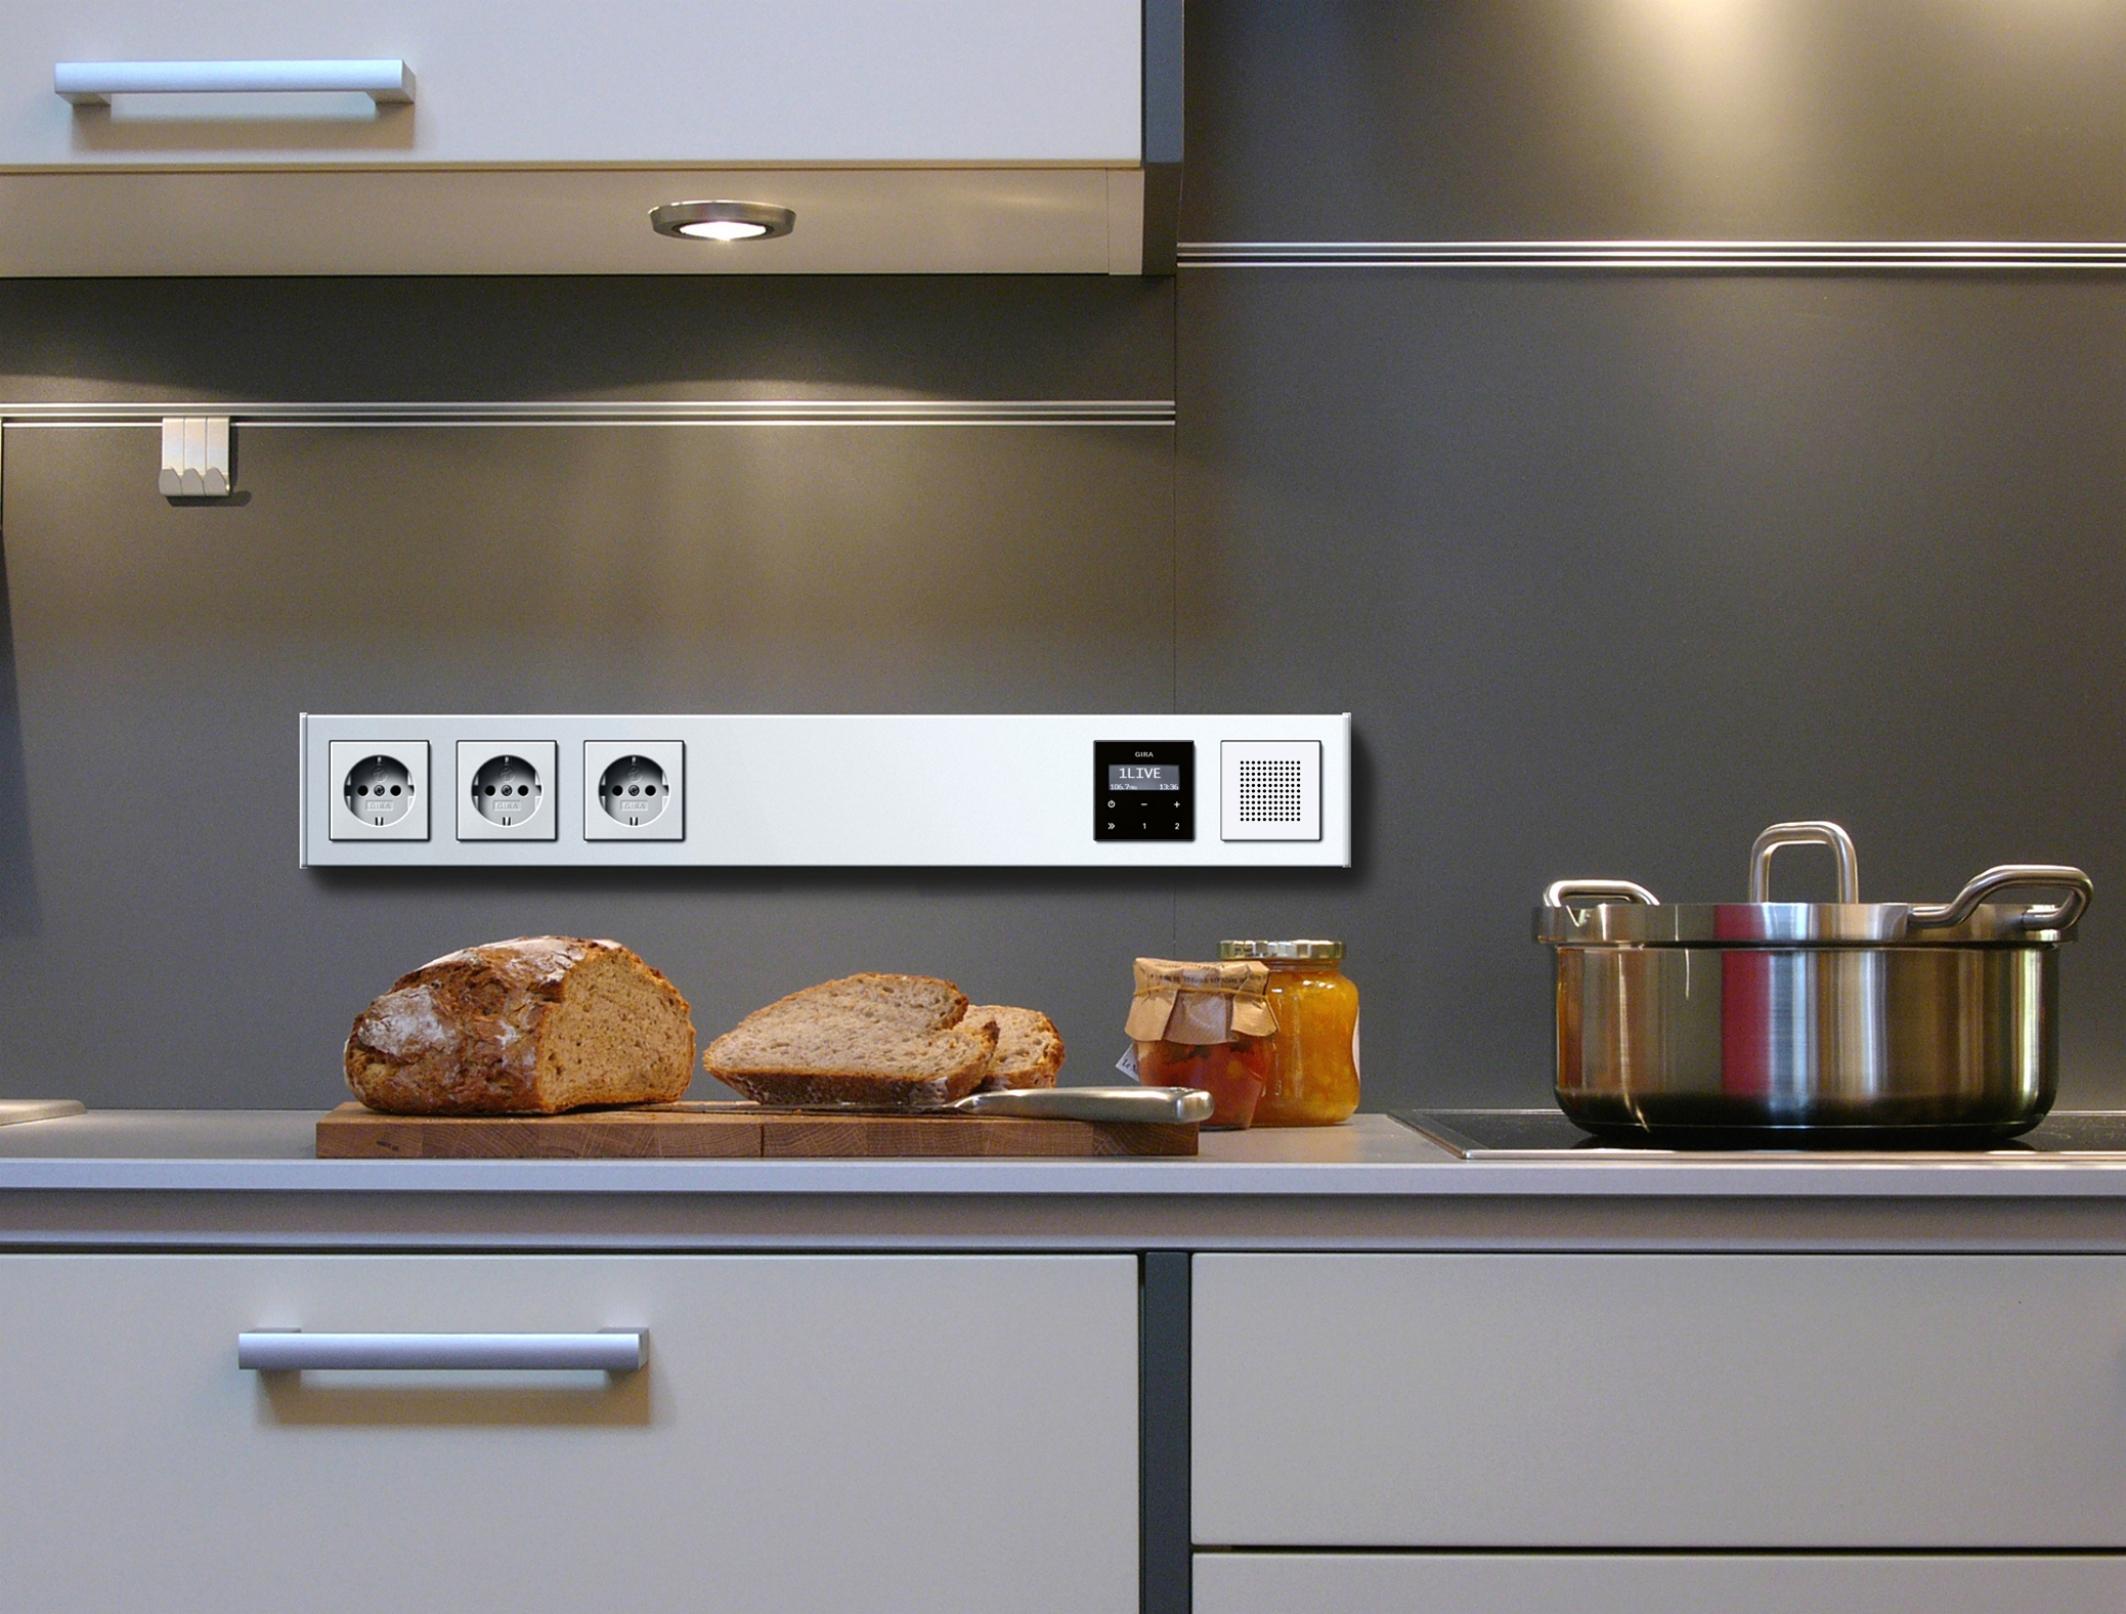 Full Size of Küche Erweitern Gira Profil 55 Landhaus Deckenleuchte Hängeschrank Polsterbank Led Panel Modulare Beistelltisch Wandtattoo Regal Teppich Anrichte Küche Küche Erweitern